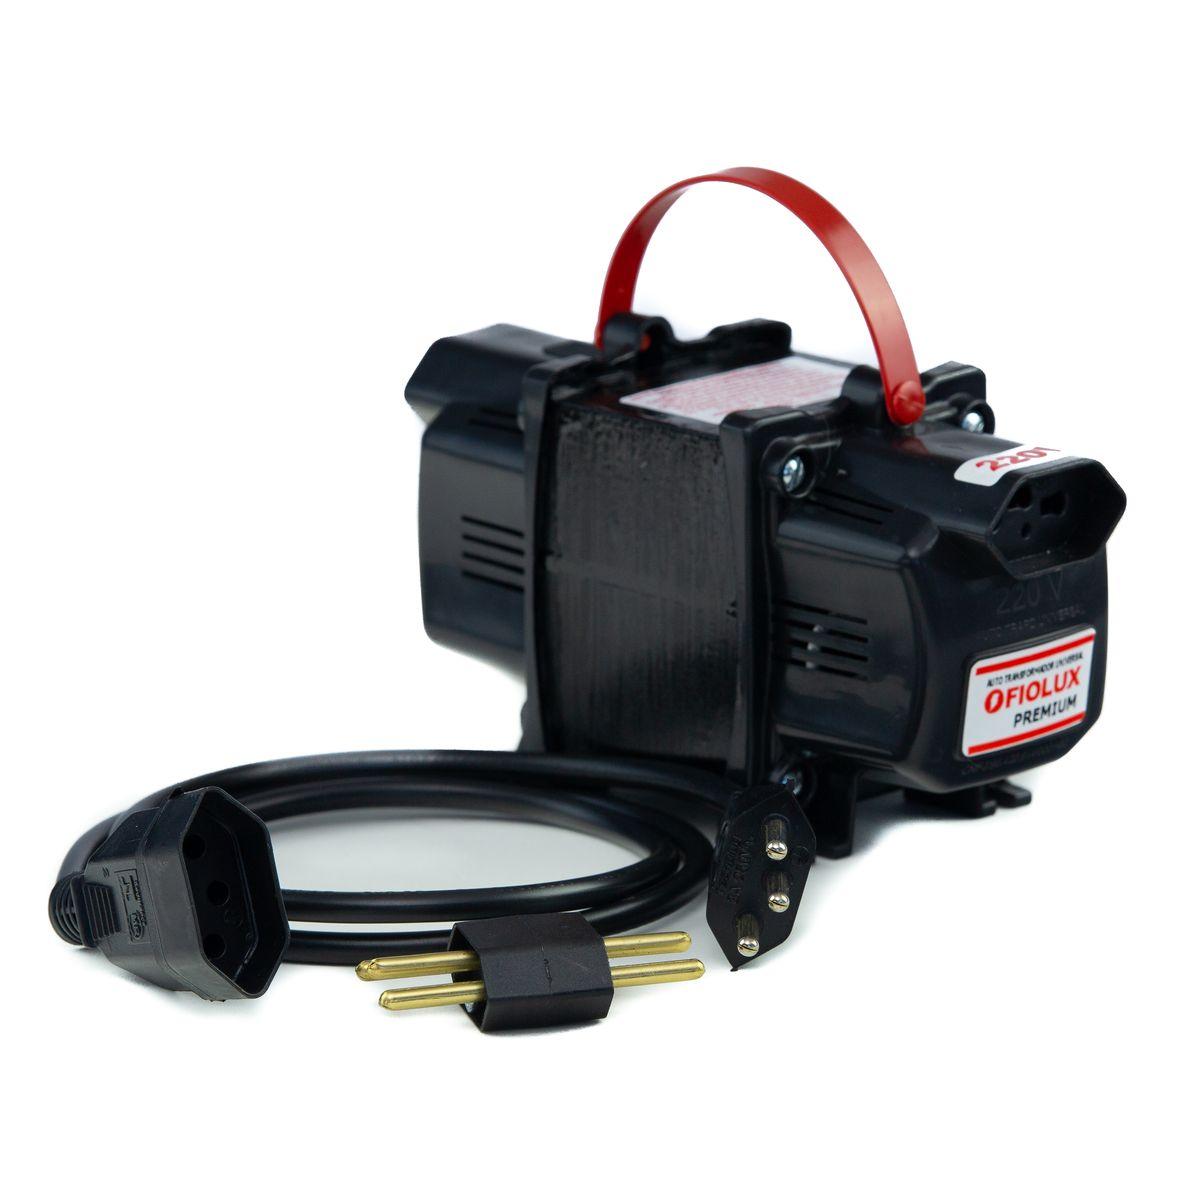 Transformador Fiolux Premium Tripolar 1010/1050VA Bivolt 110/220 e 220/110